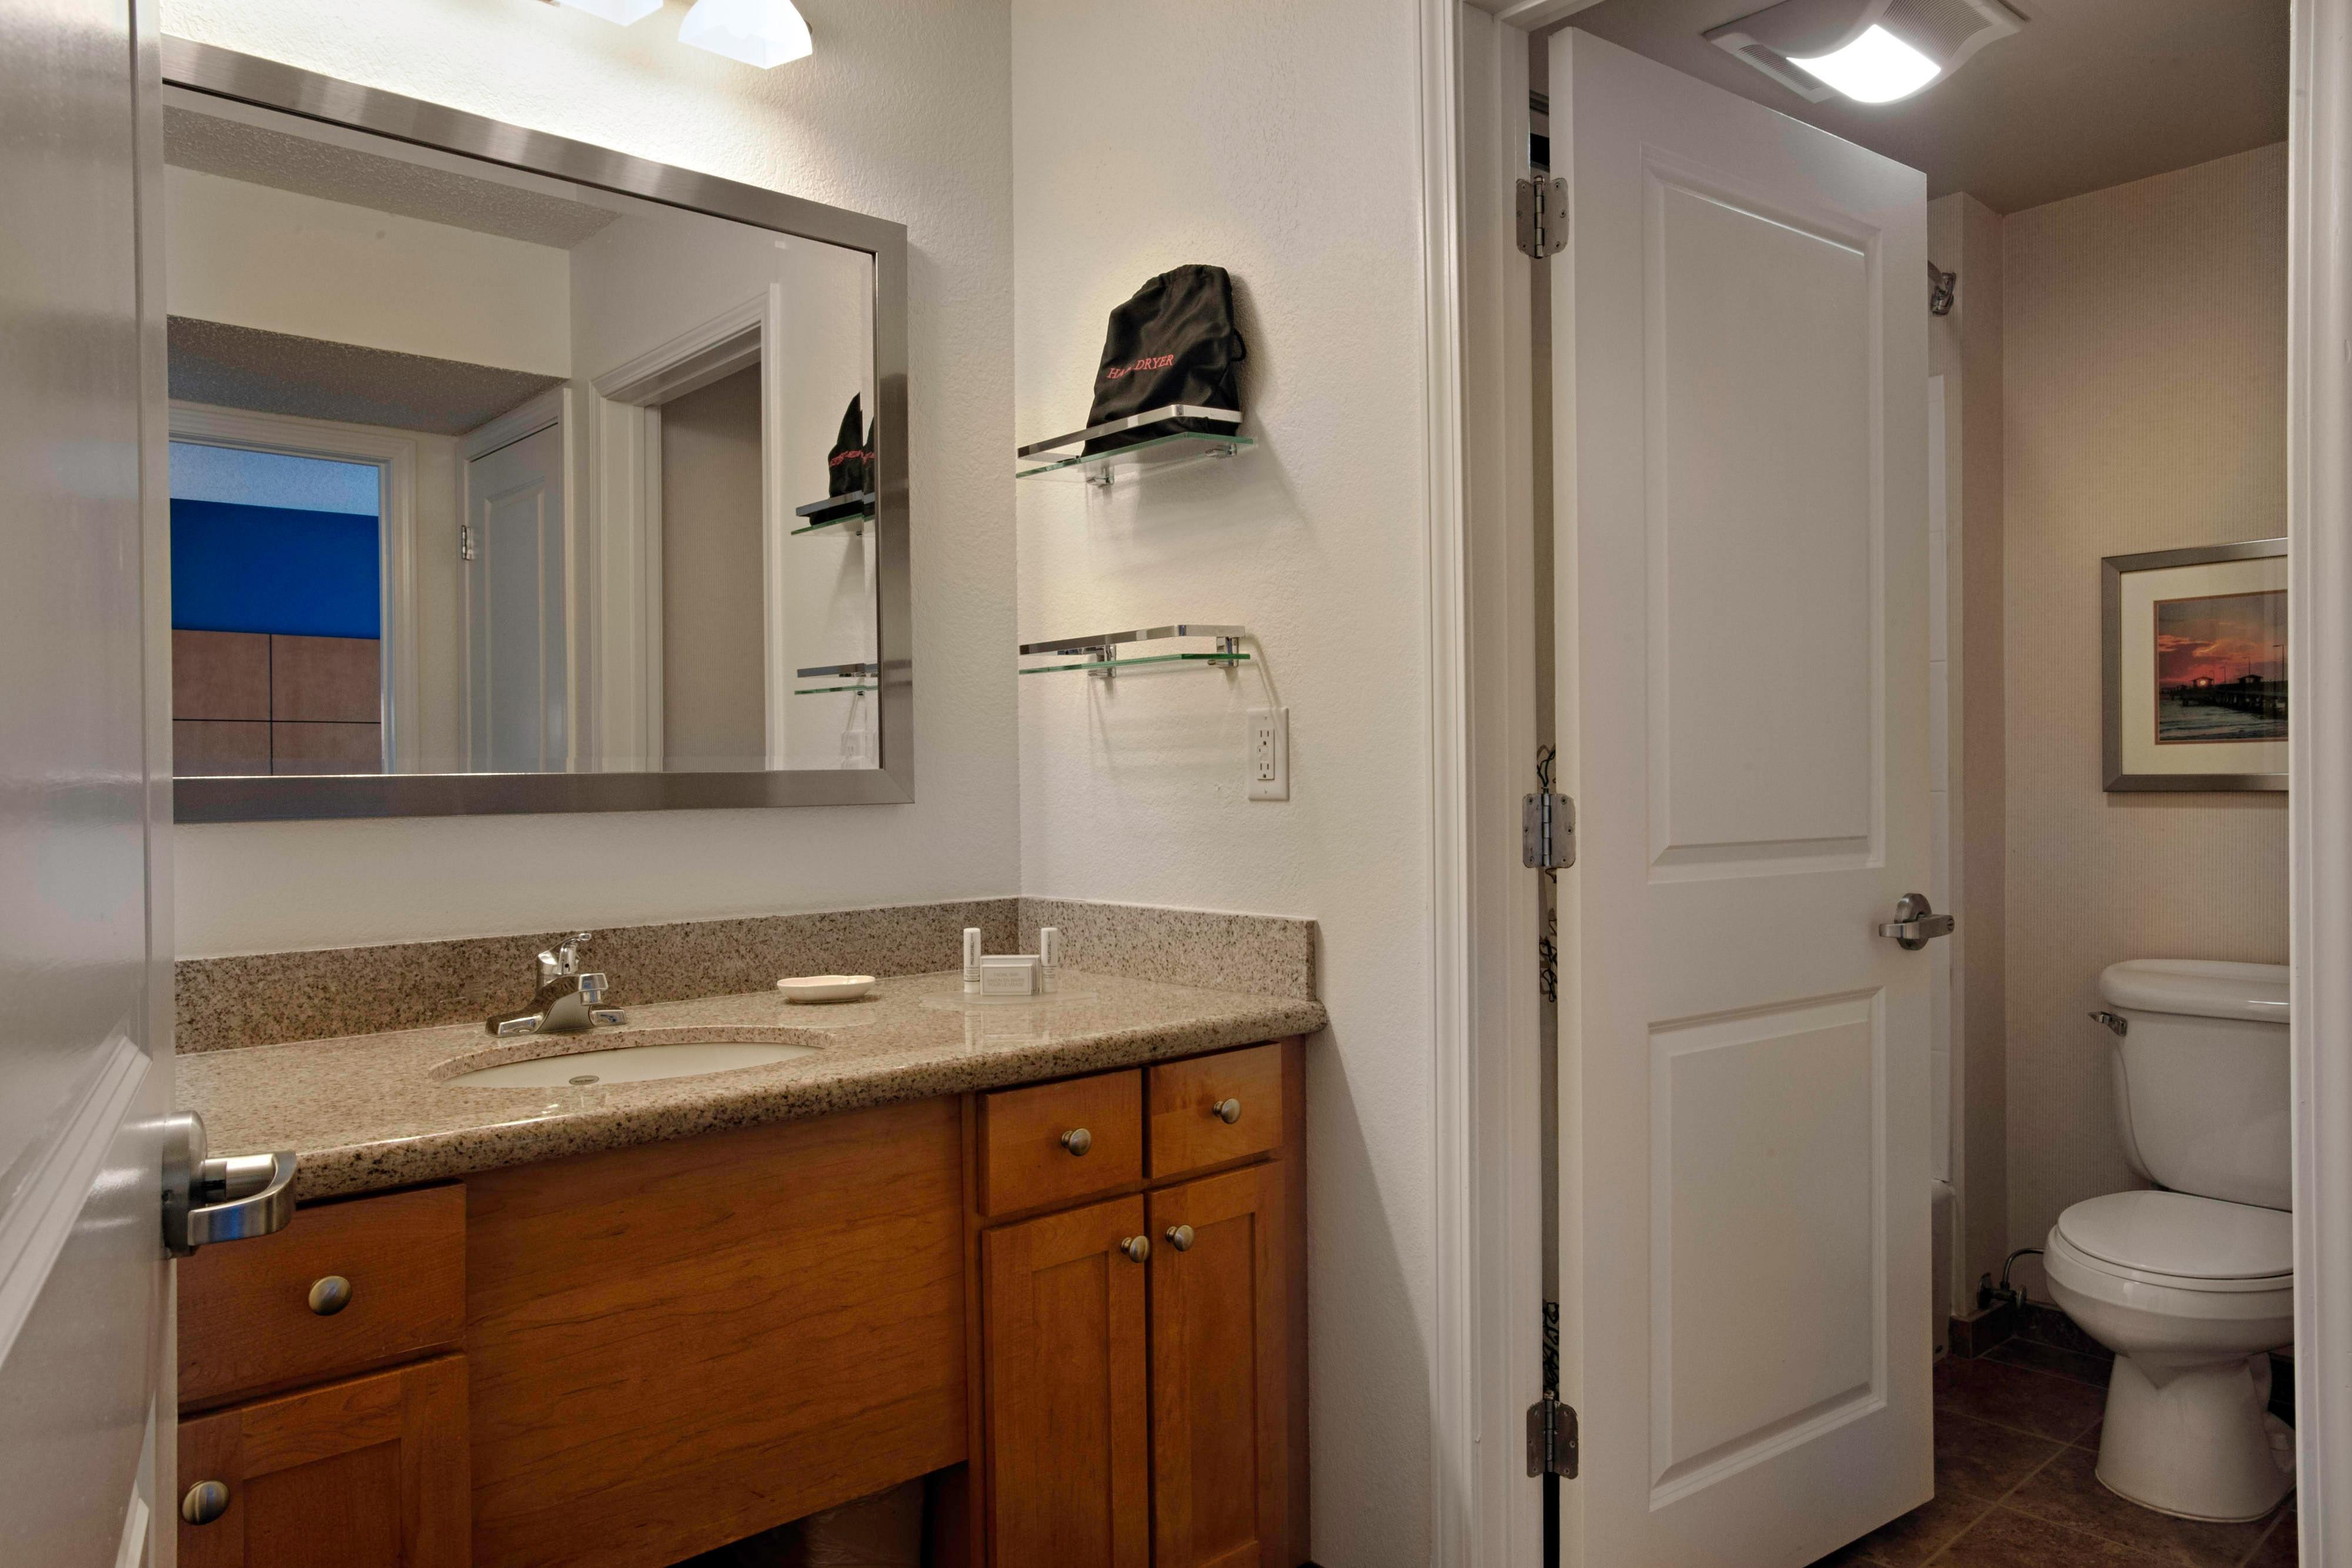 Atlantic City New Jersey Hotel One-Bedroom Suite Bathroom